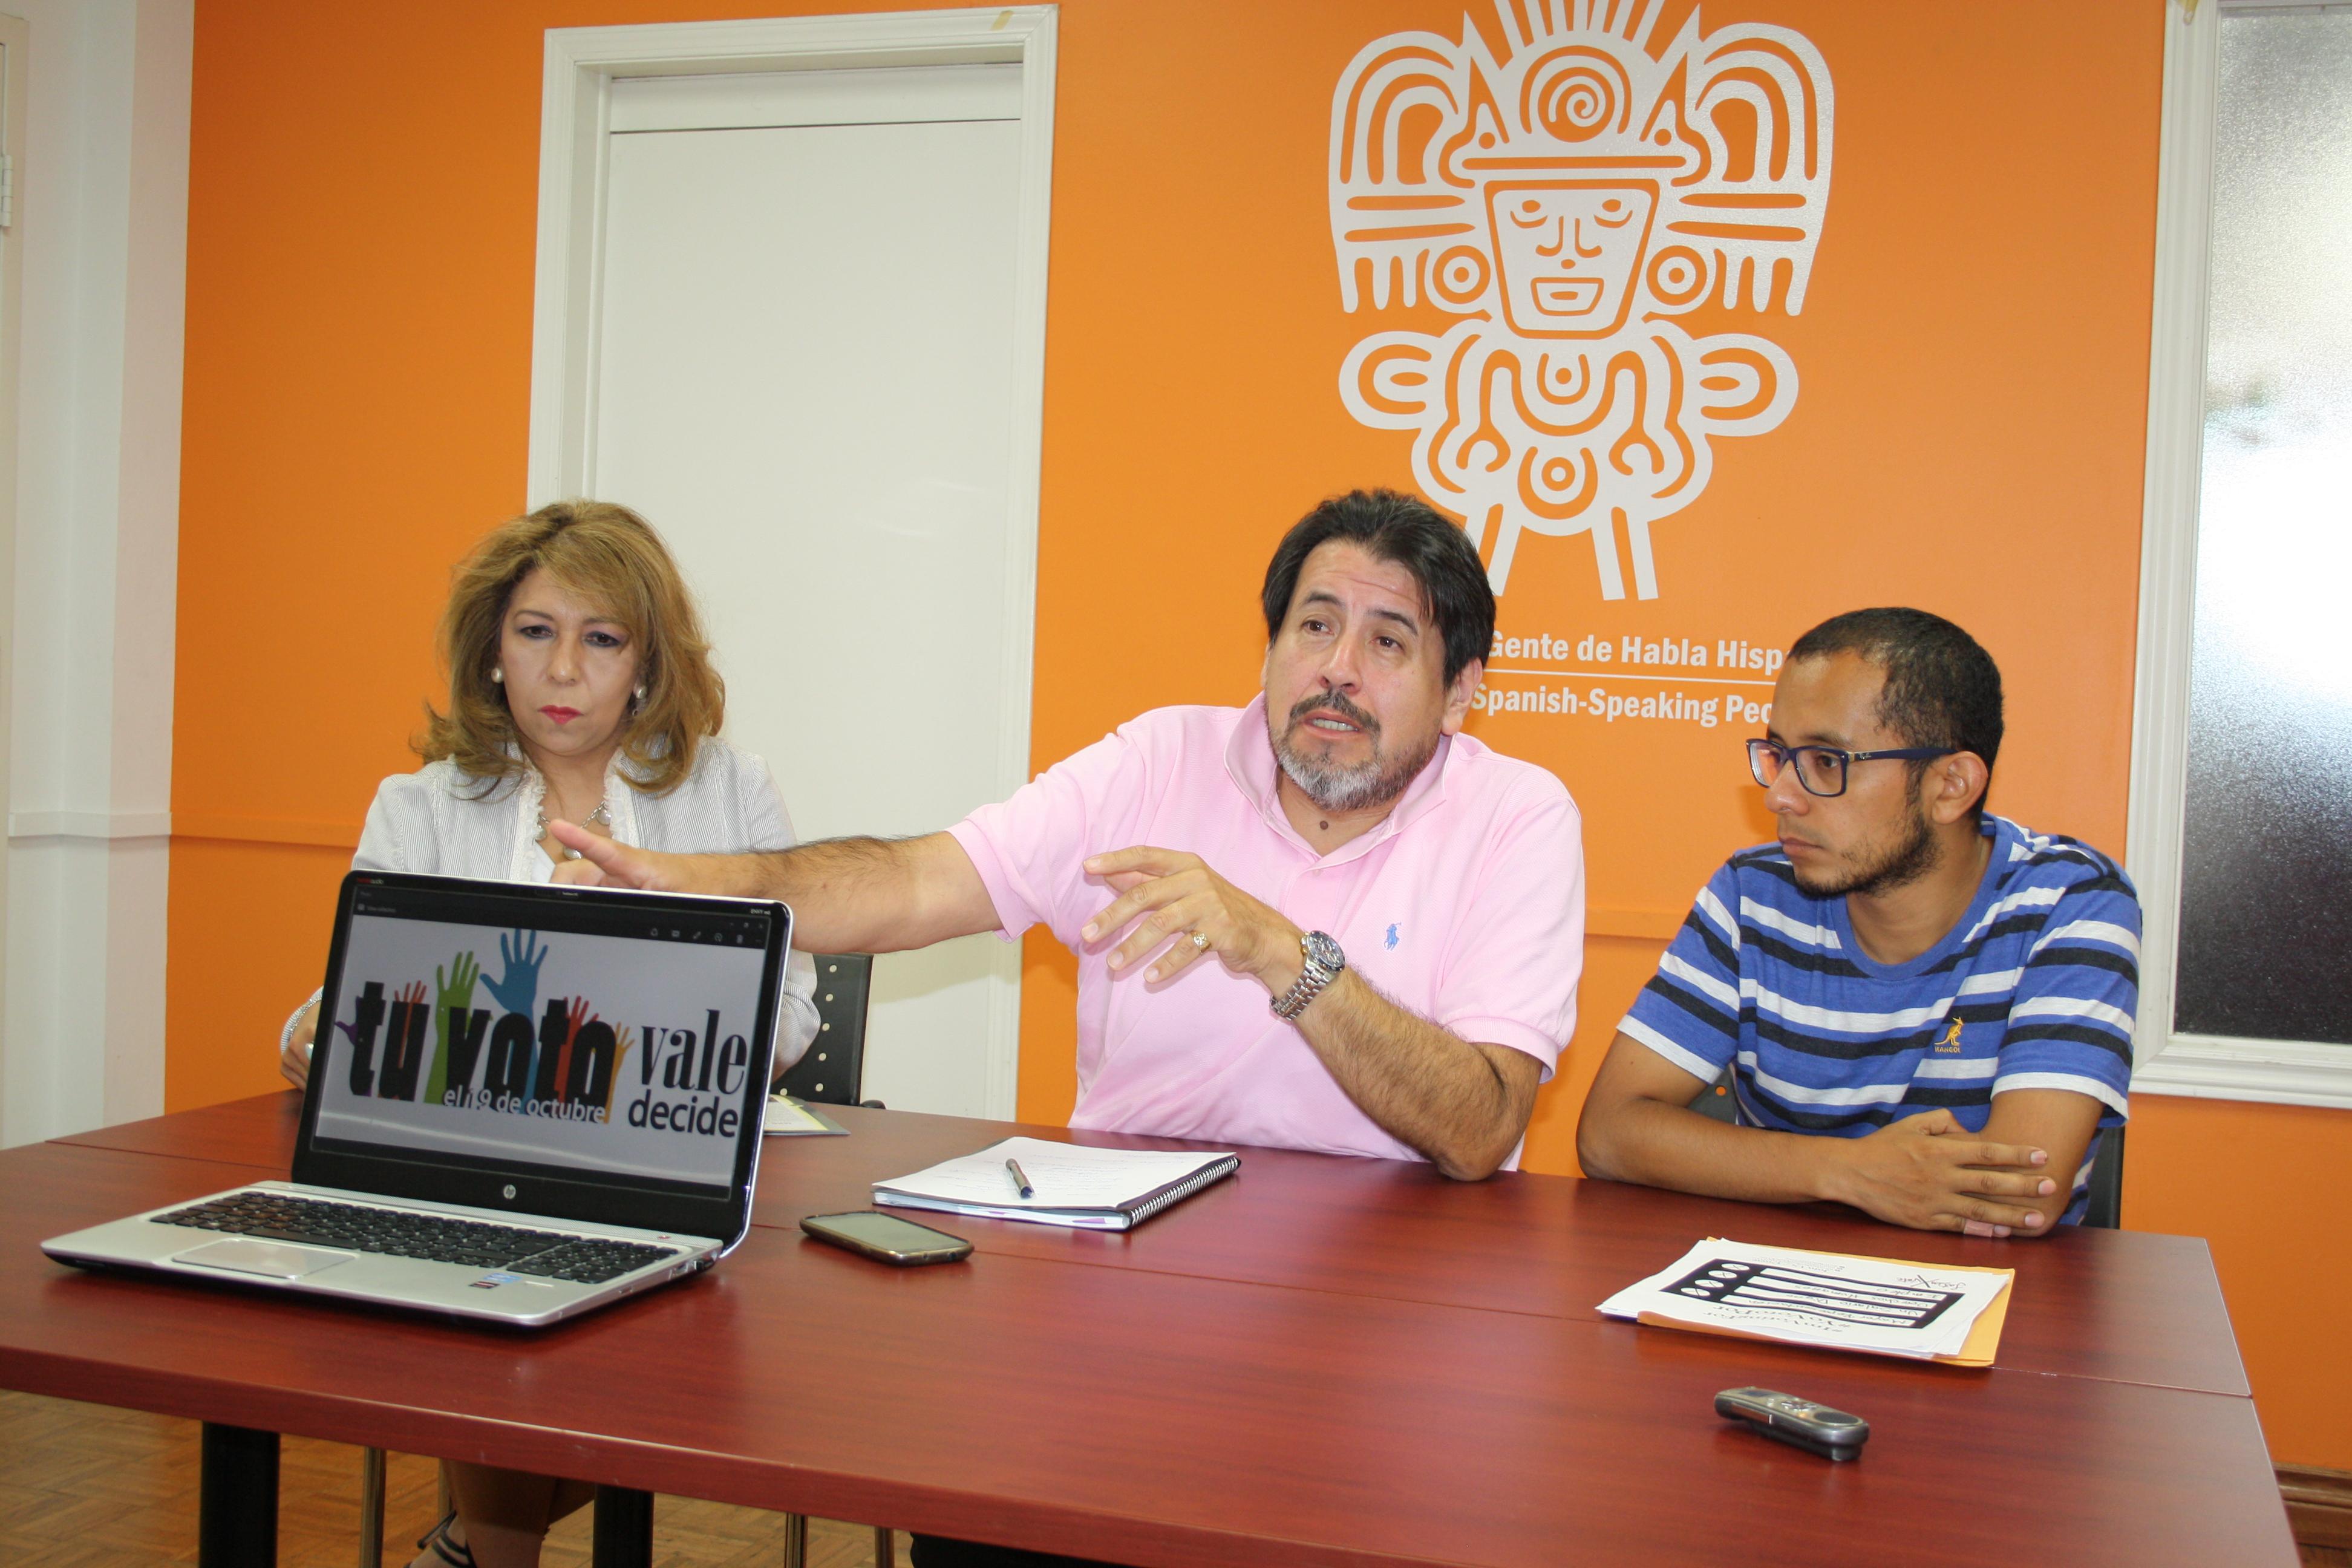 De izquierda a derecha: Claudia Montoya, del Consejo Canadiense para la Herencia Hispana (HCHC), Duberlis Ramos, del Consejo de Desarrollo Hispano, y William Flores, de LatinXVote, durante la conferencia de prensa realizada en las instalaciones del Centro para Gente de Habla Hispana (CSSP)